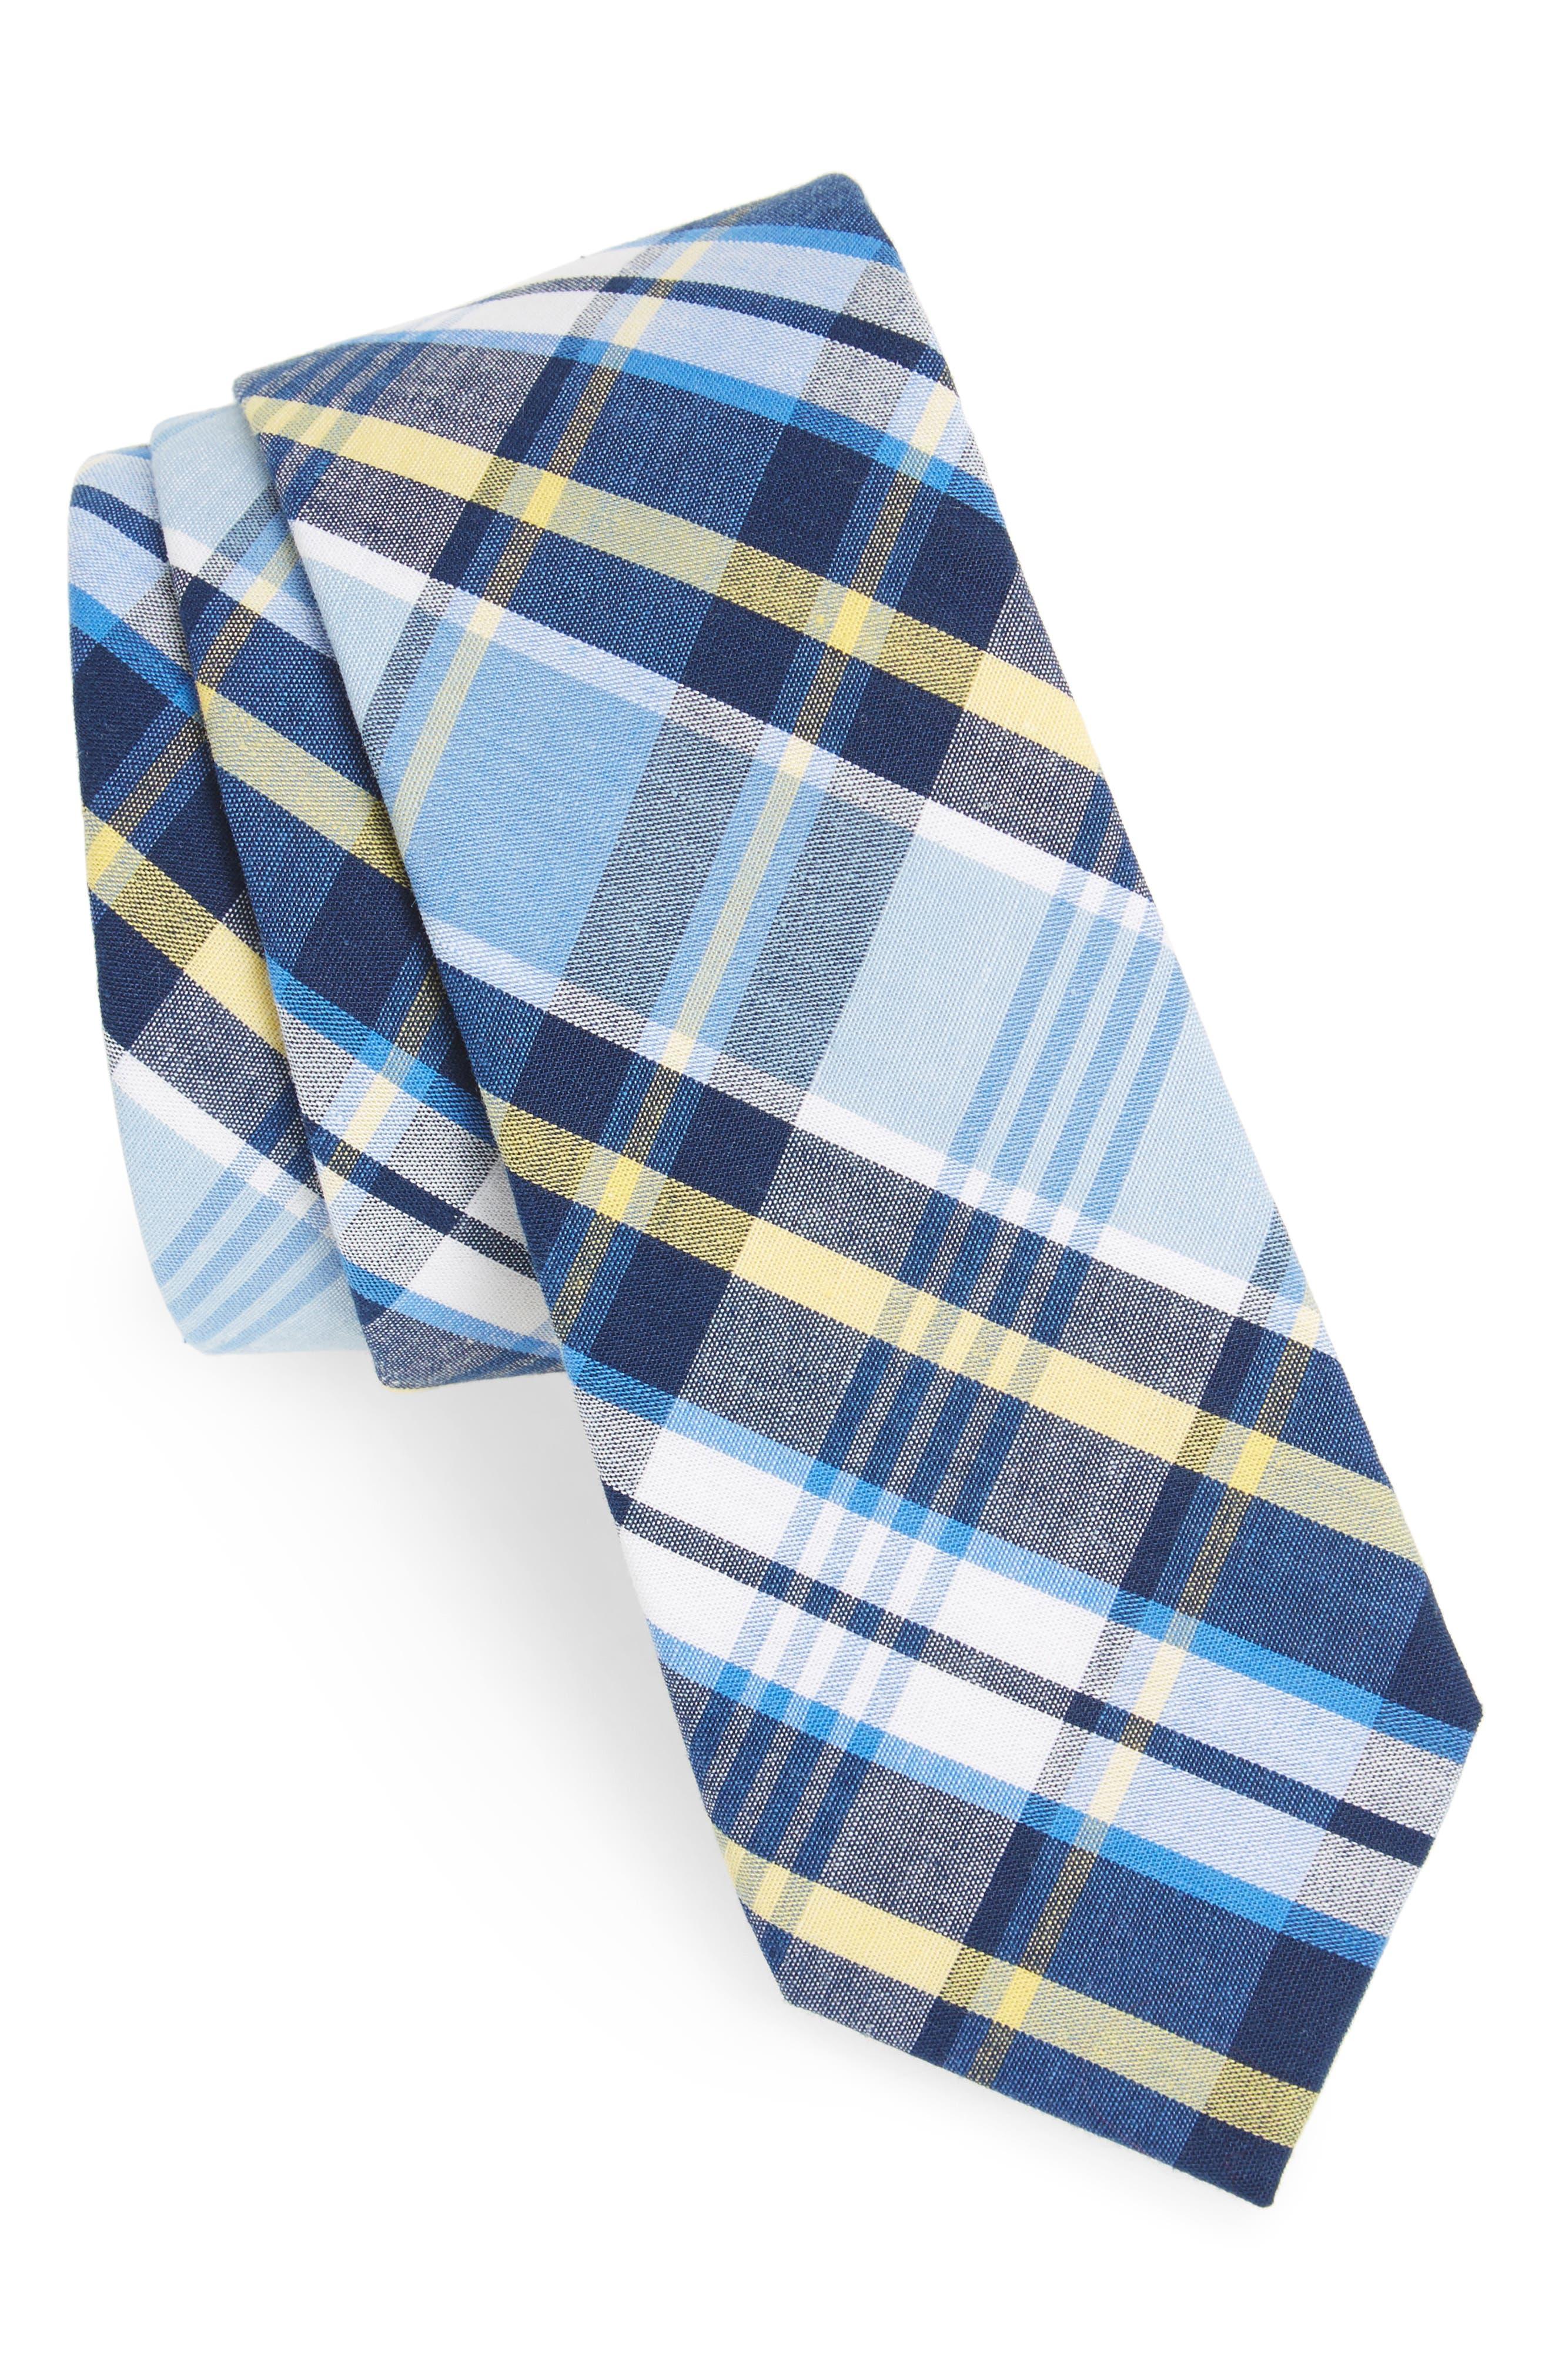 Sean Plaid Cotton Tie,                         Main,                         color, Blue